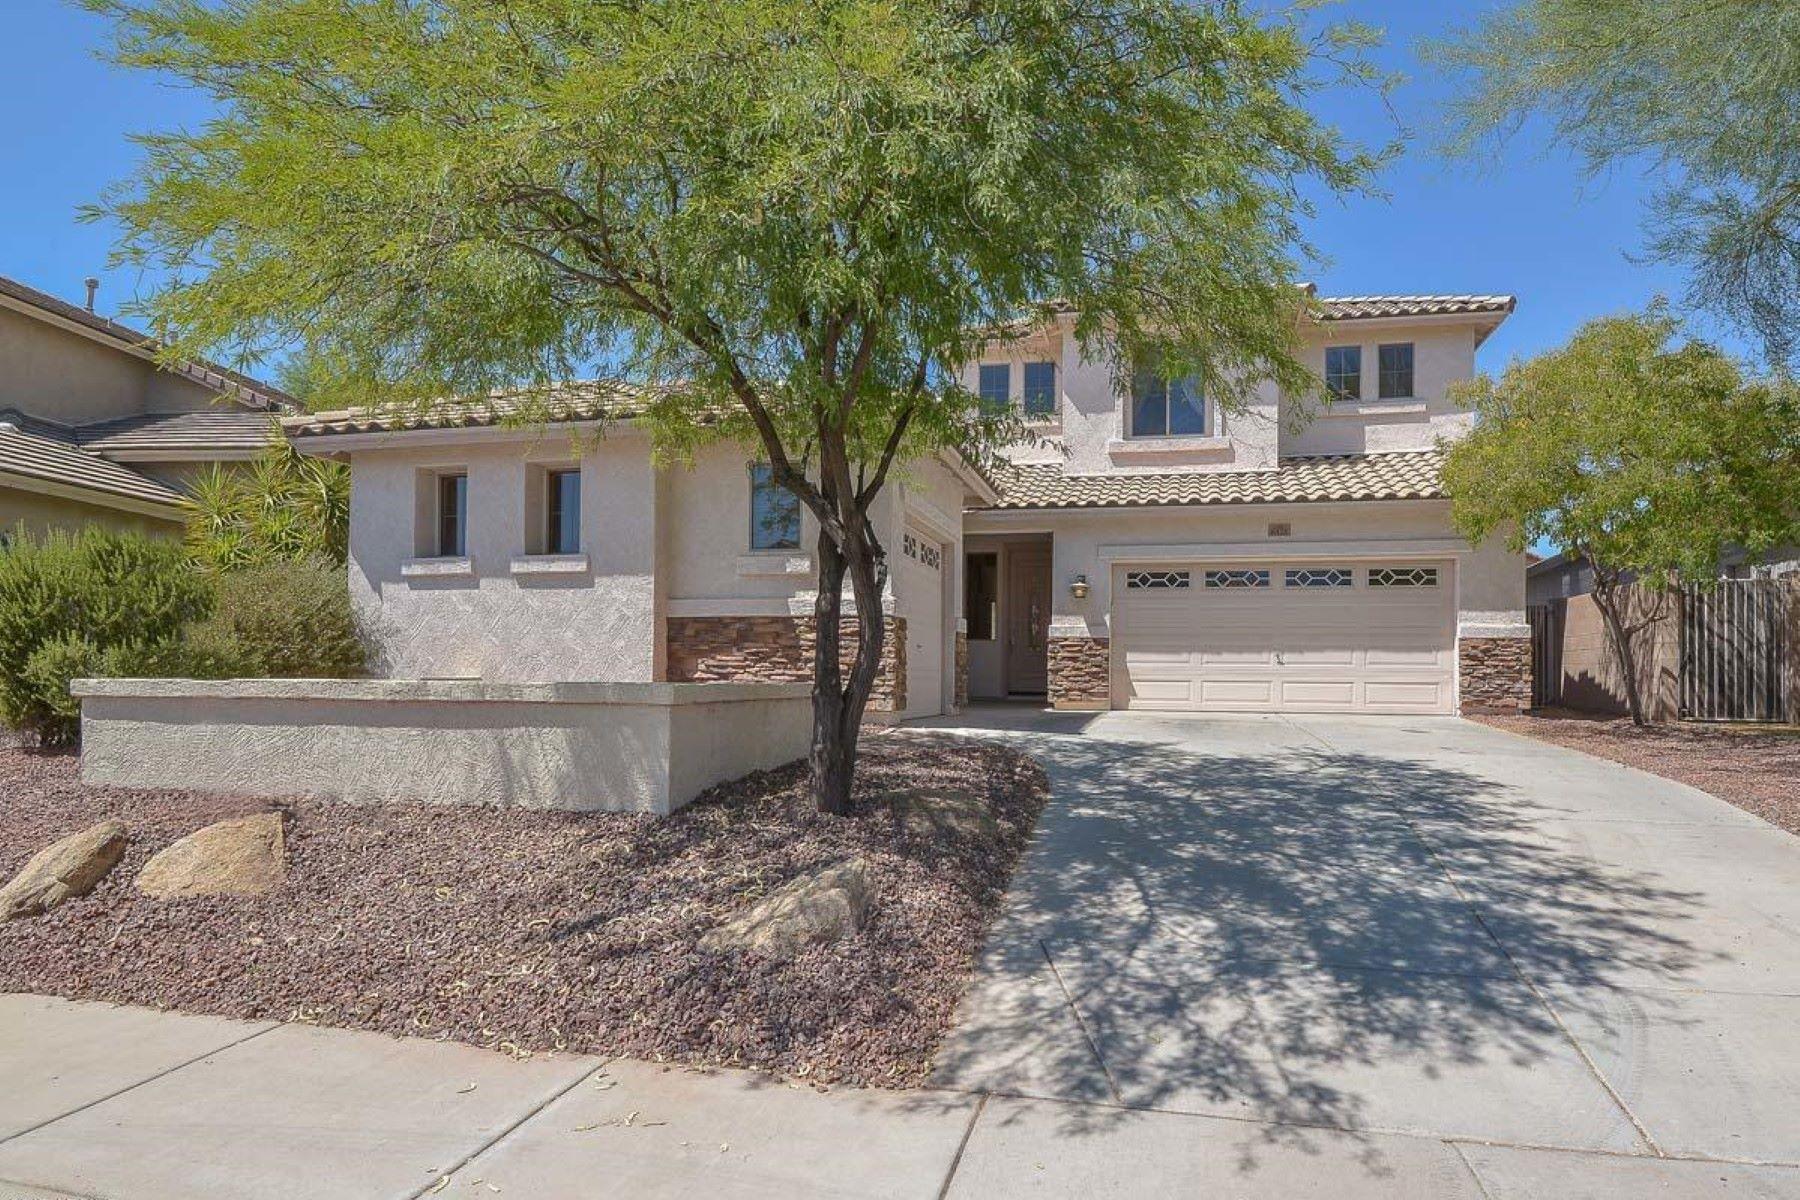 Maison unifamiliale pour l Vente à Stunning two story home with mountain views 6426 Cavedale Dr Phoenix, Arizona, 85083 États-Unis